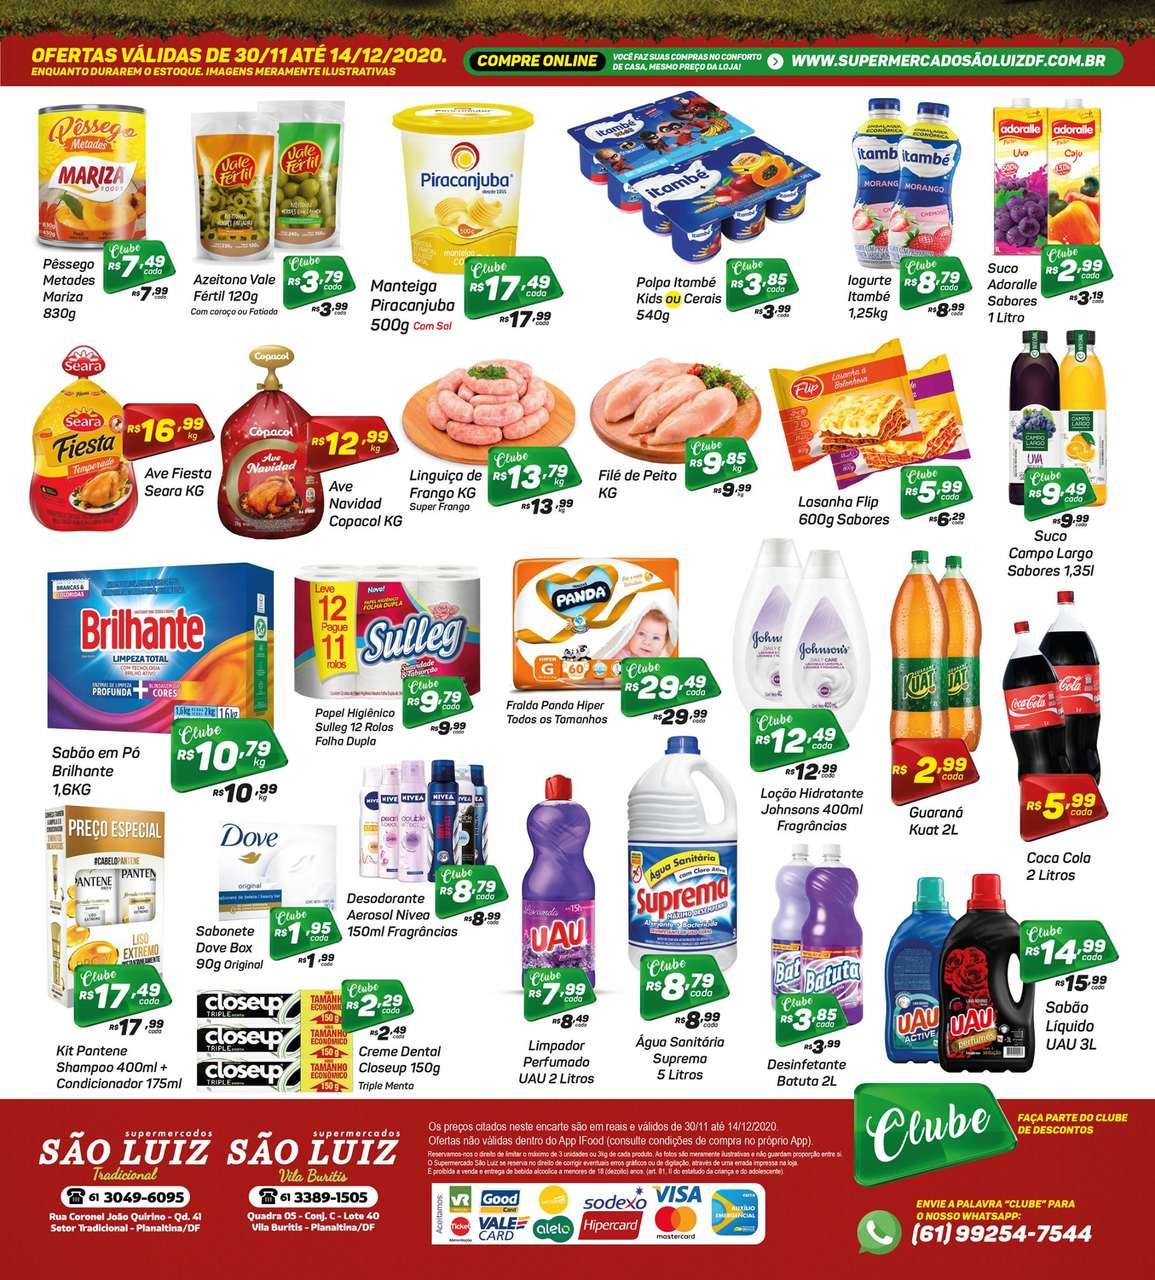 Ofertas_supermercados_São_Luiz_vence_14_dezembro_2_Easy